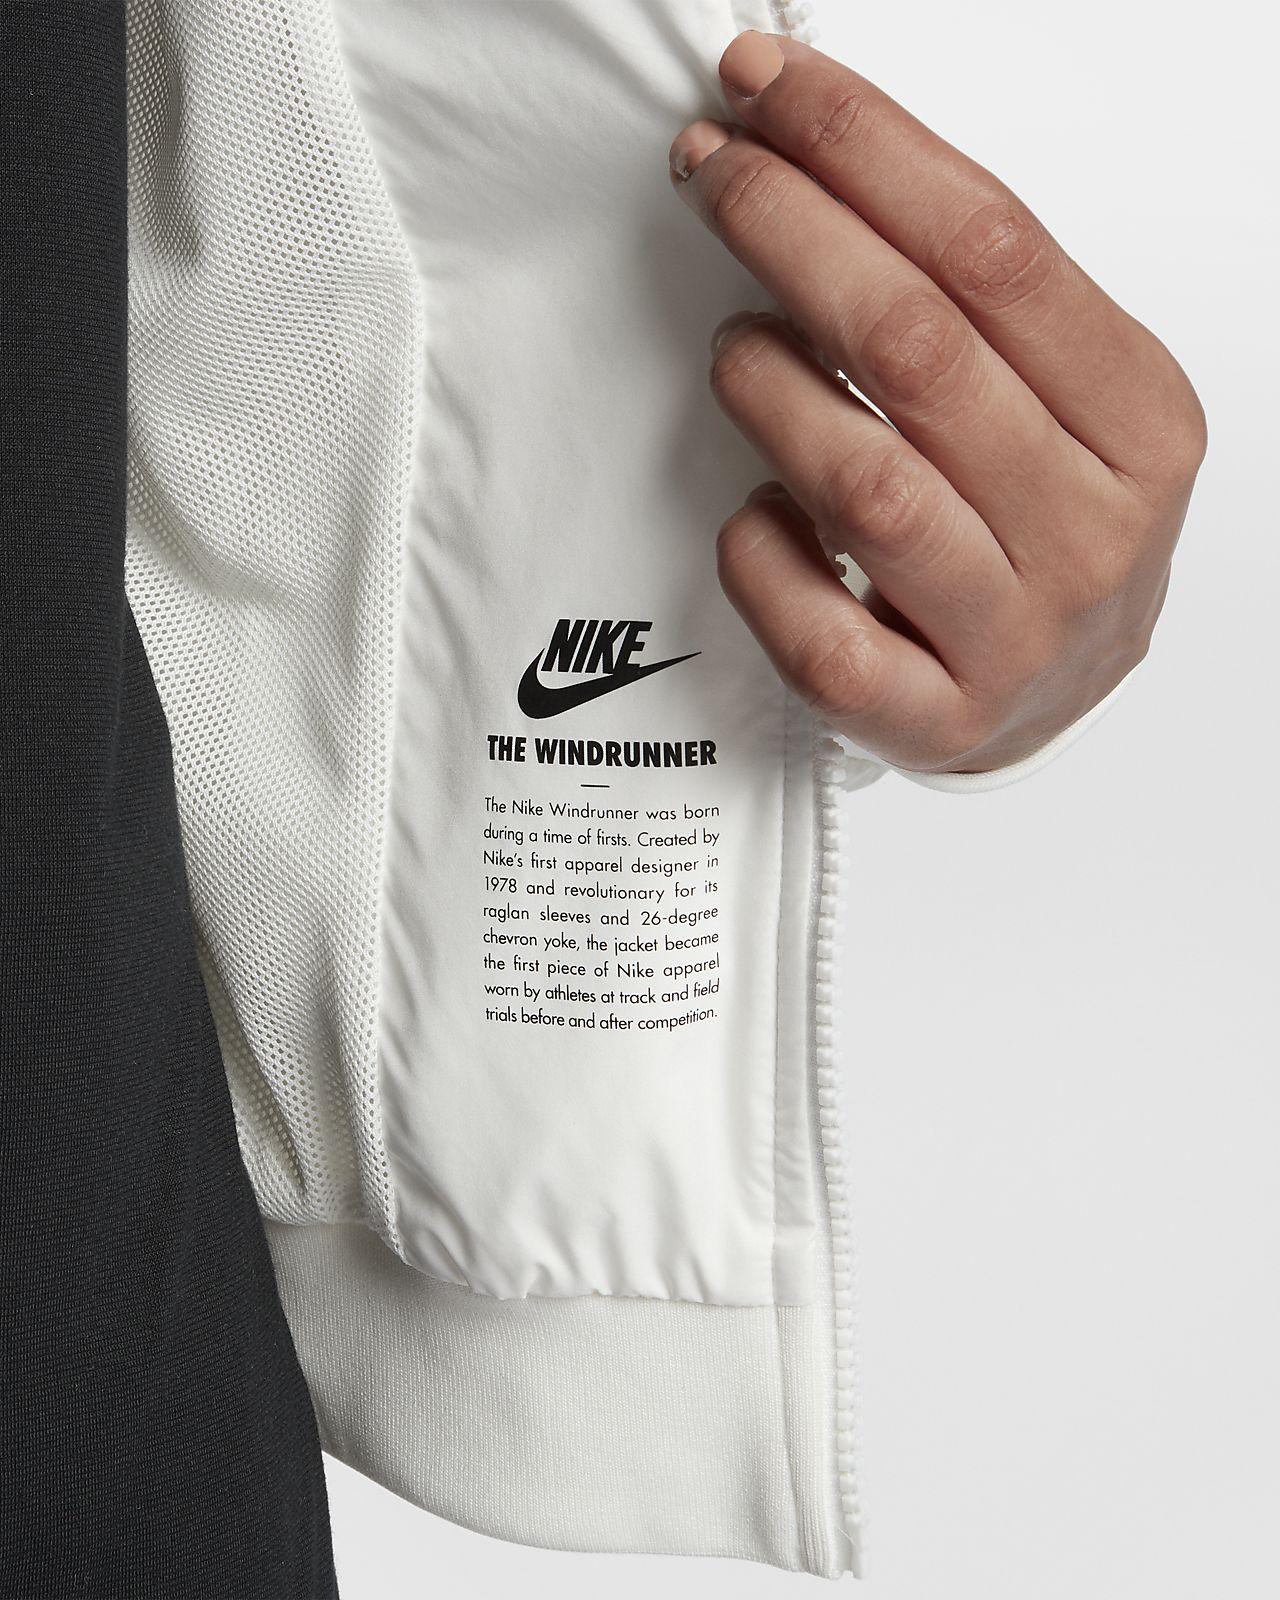 Nike windrunner women's jacket small